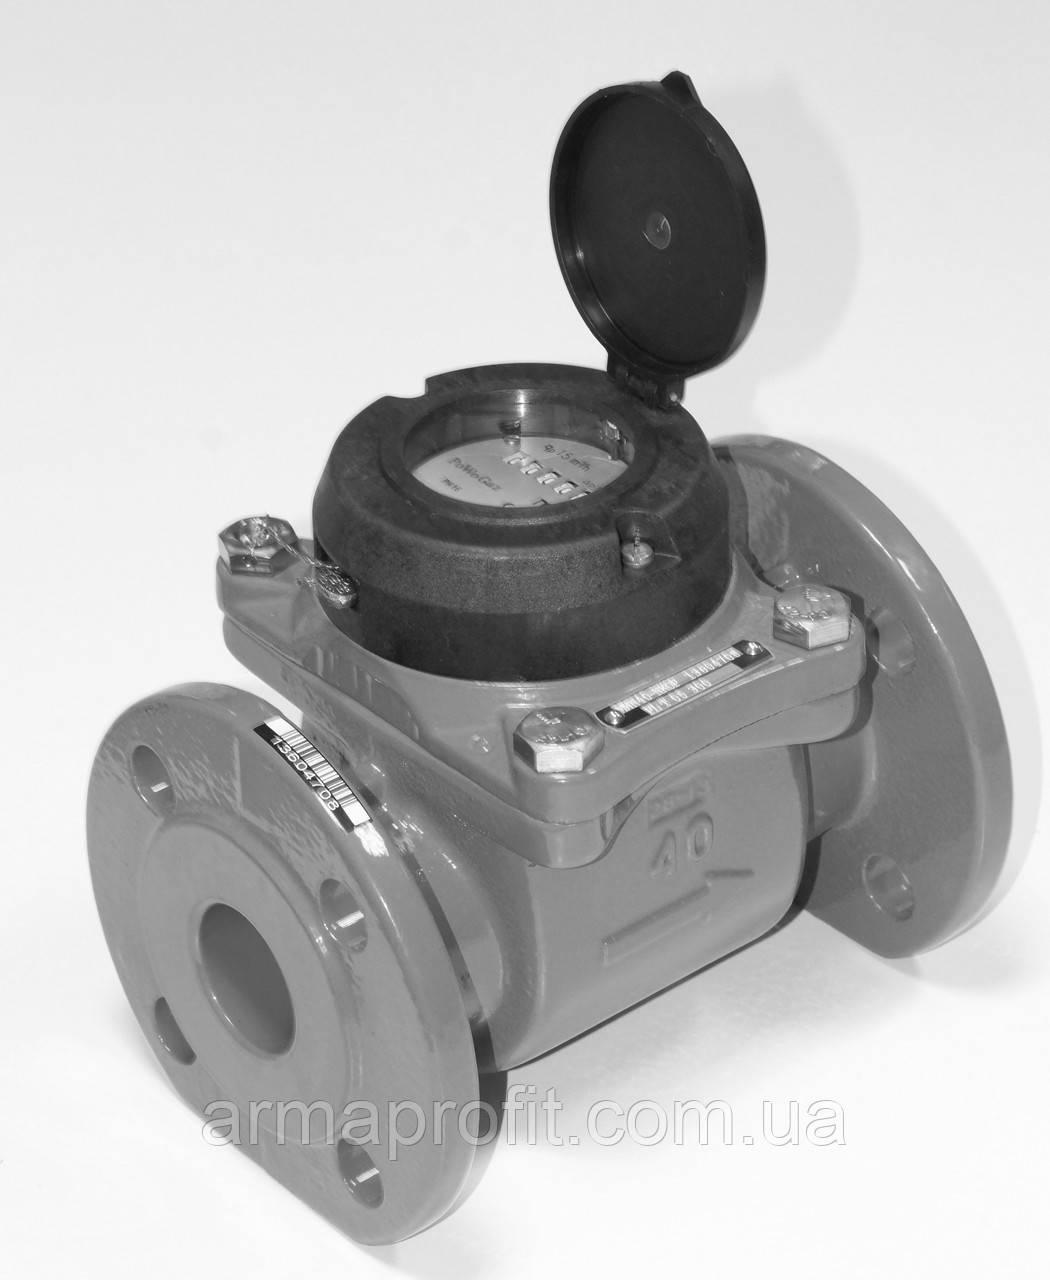 Счетчик холодной воды турбинный фланцевый Ду100 Powogaz MWN-50-100